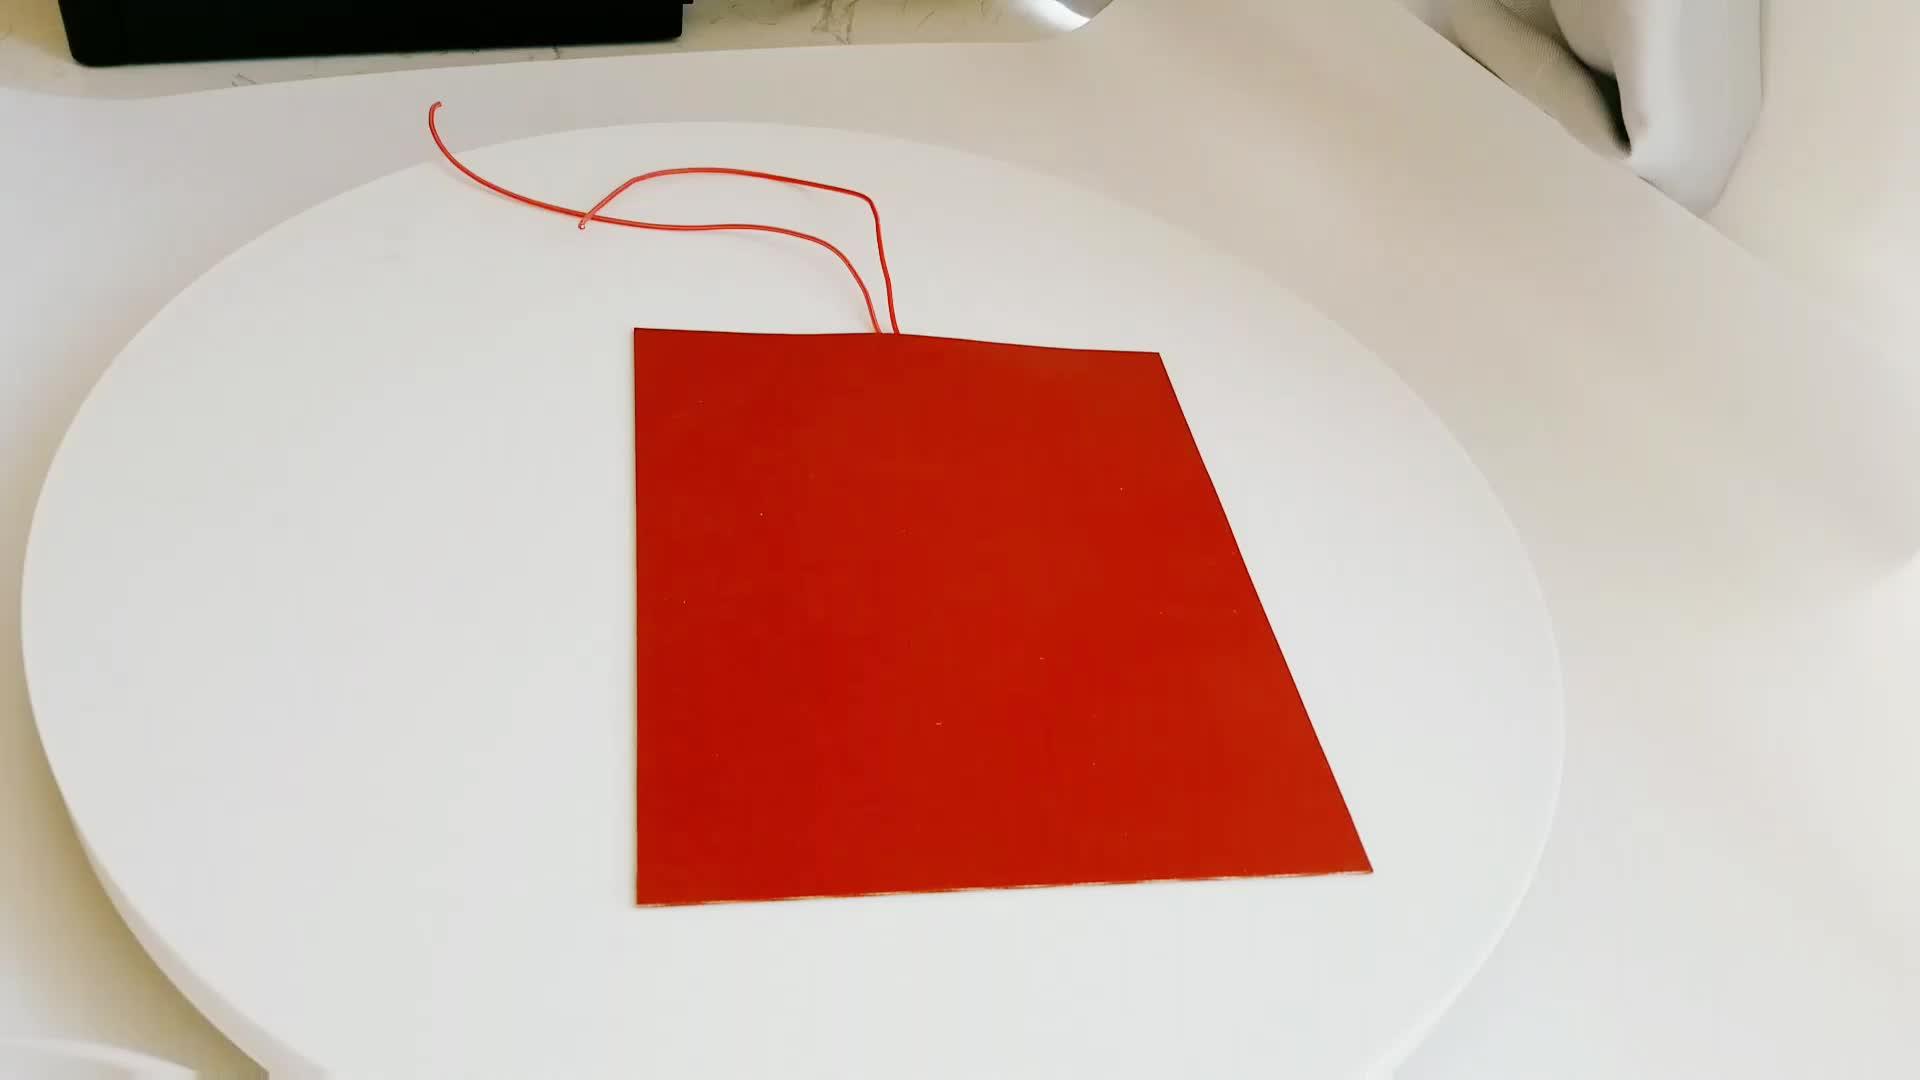 Duopu Công Nghiệp Dính Linh Hoạt Silicone Cao Su Nóng 220 V Yếu Tố Sưởi Ấm Cho Trống Sưởi Ấm Với Cặp Nhiệt Điện